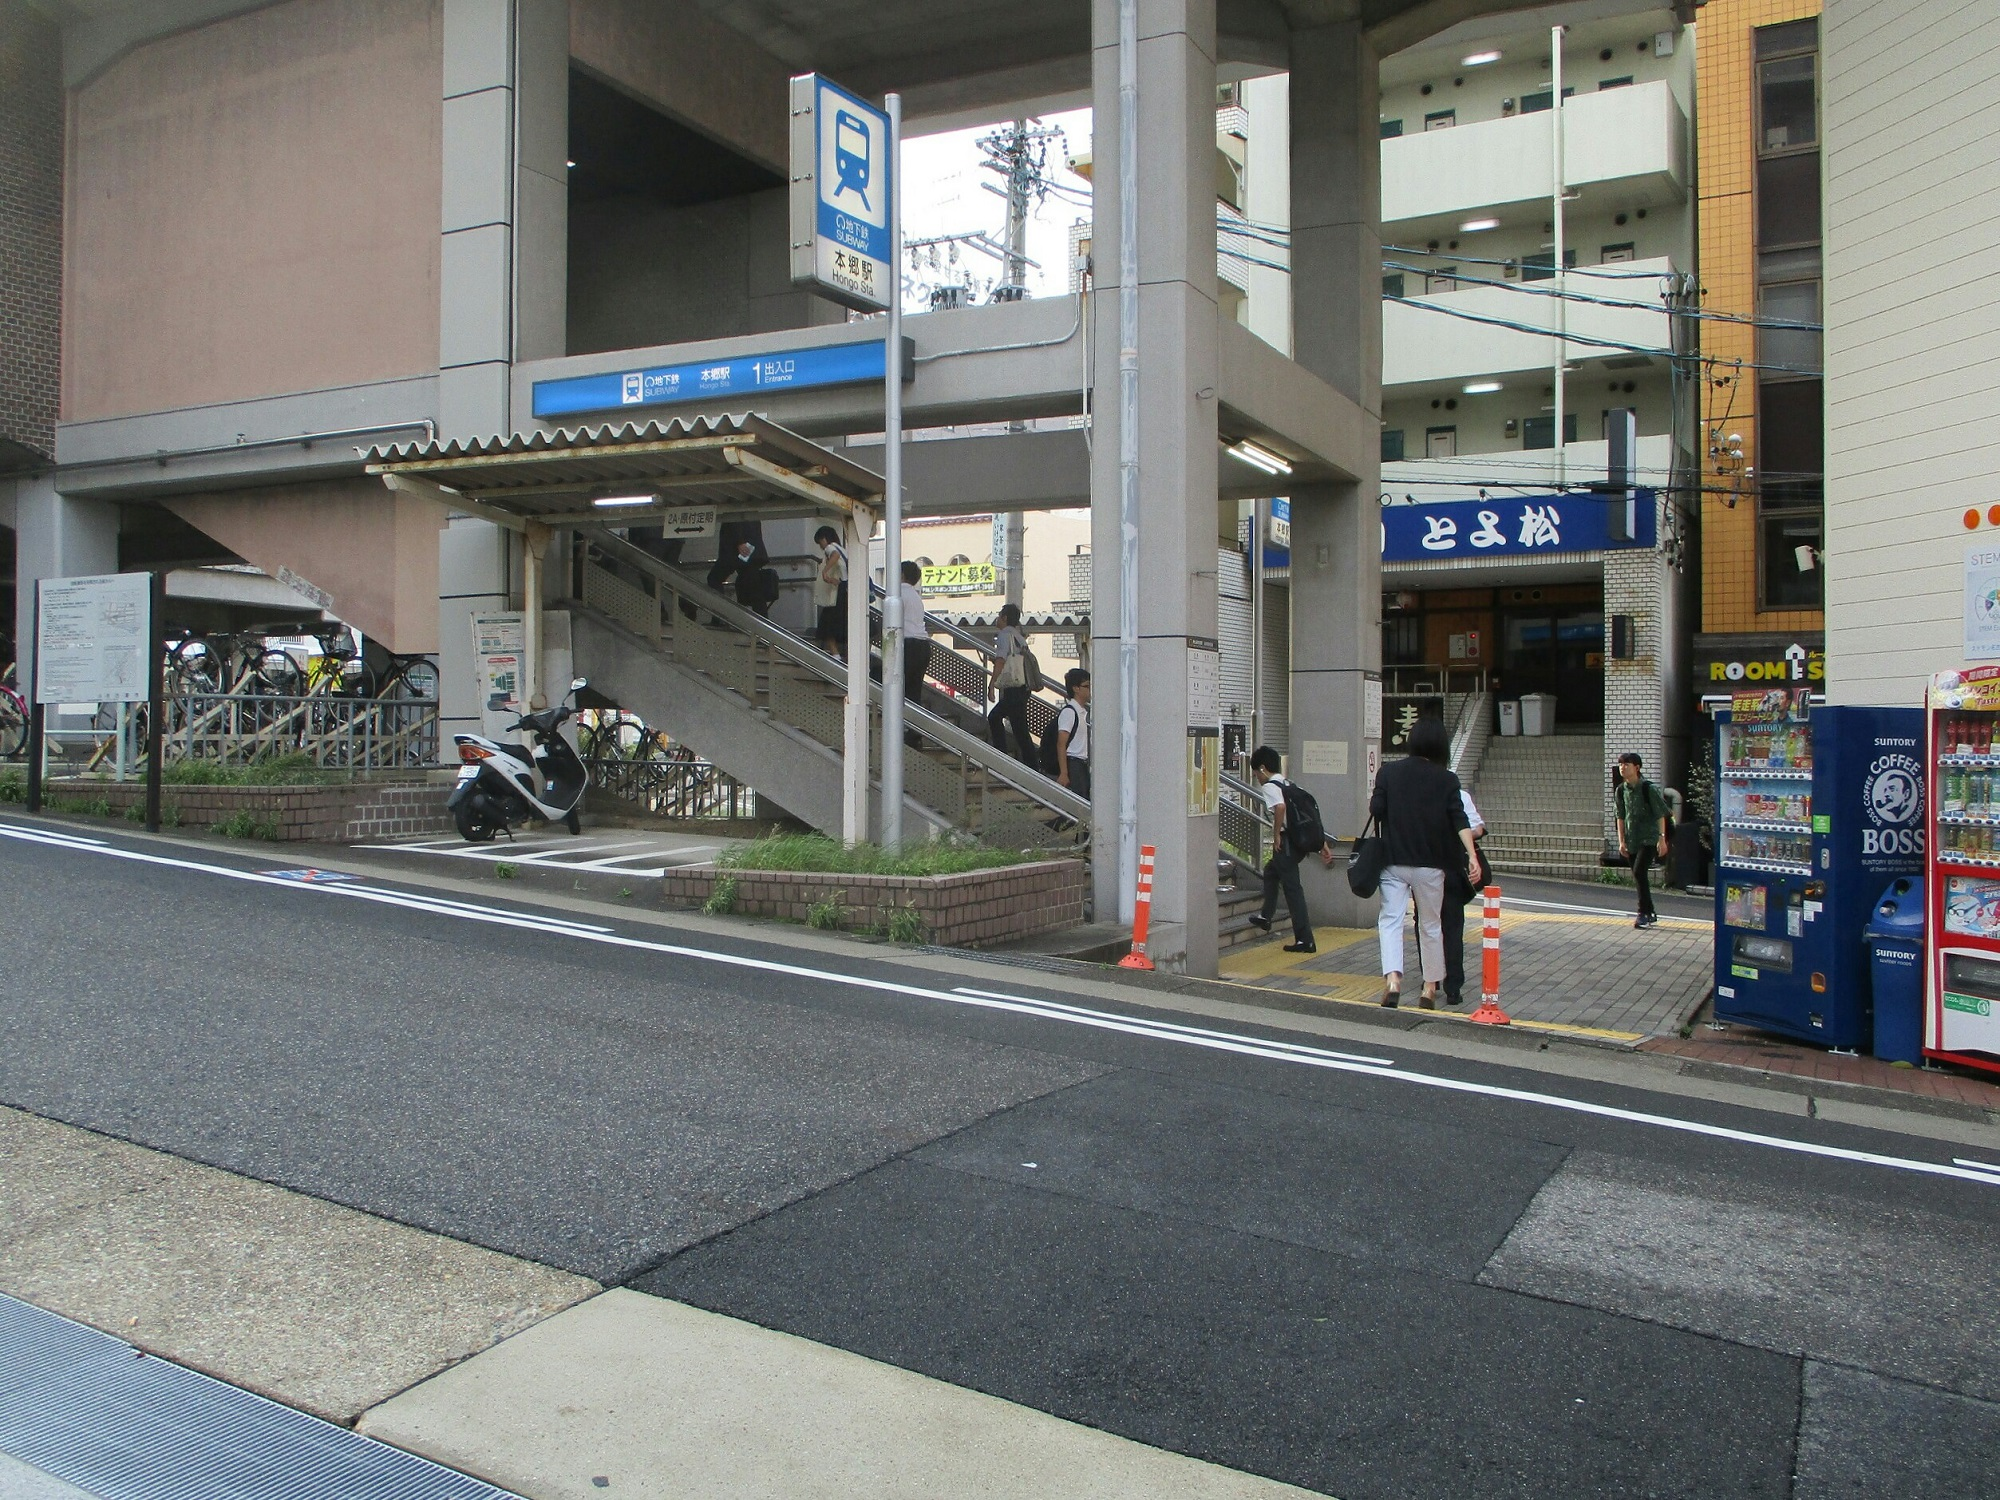 2018.9.5 (2) 本郷 - にしぐち 2000-1500